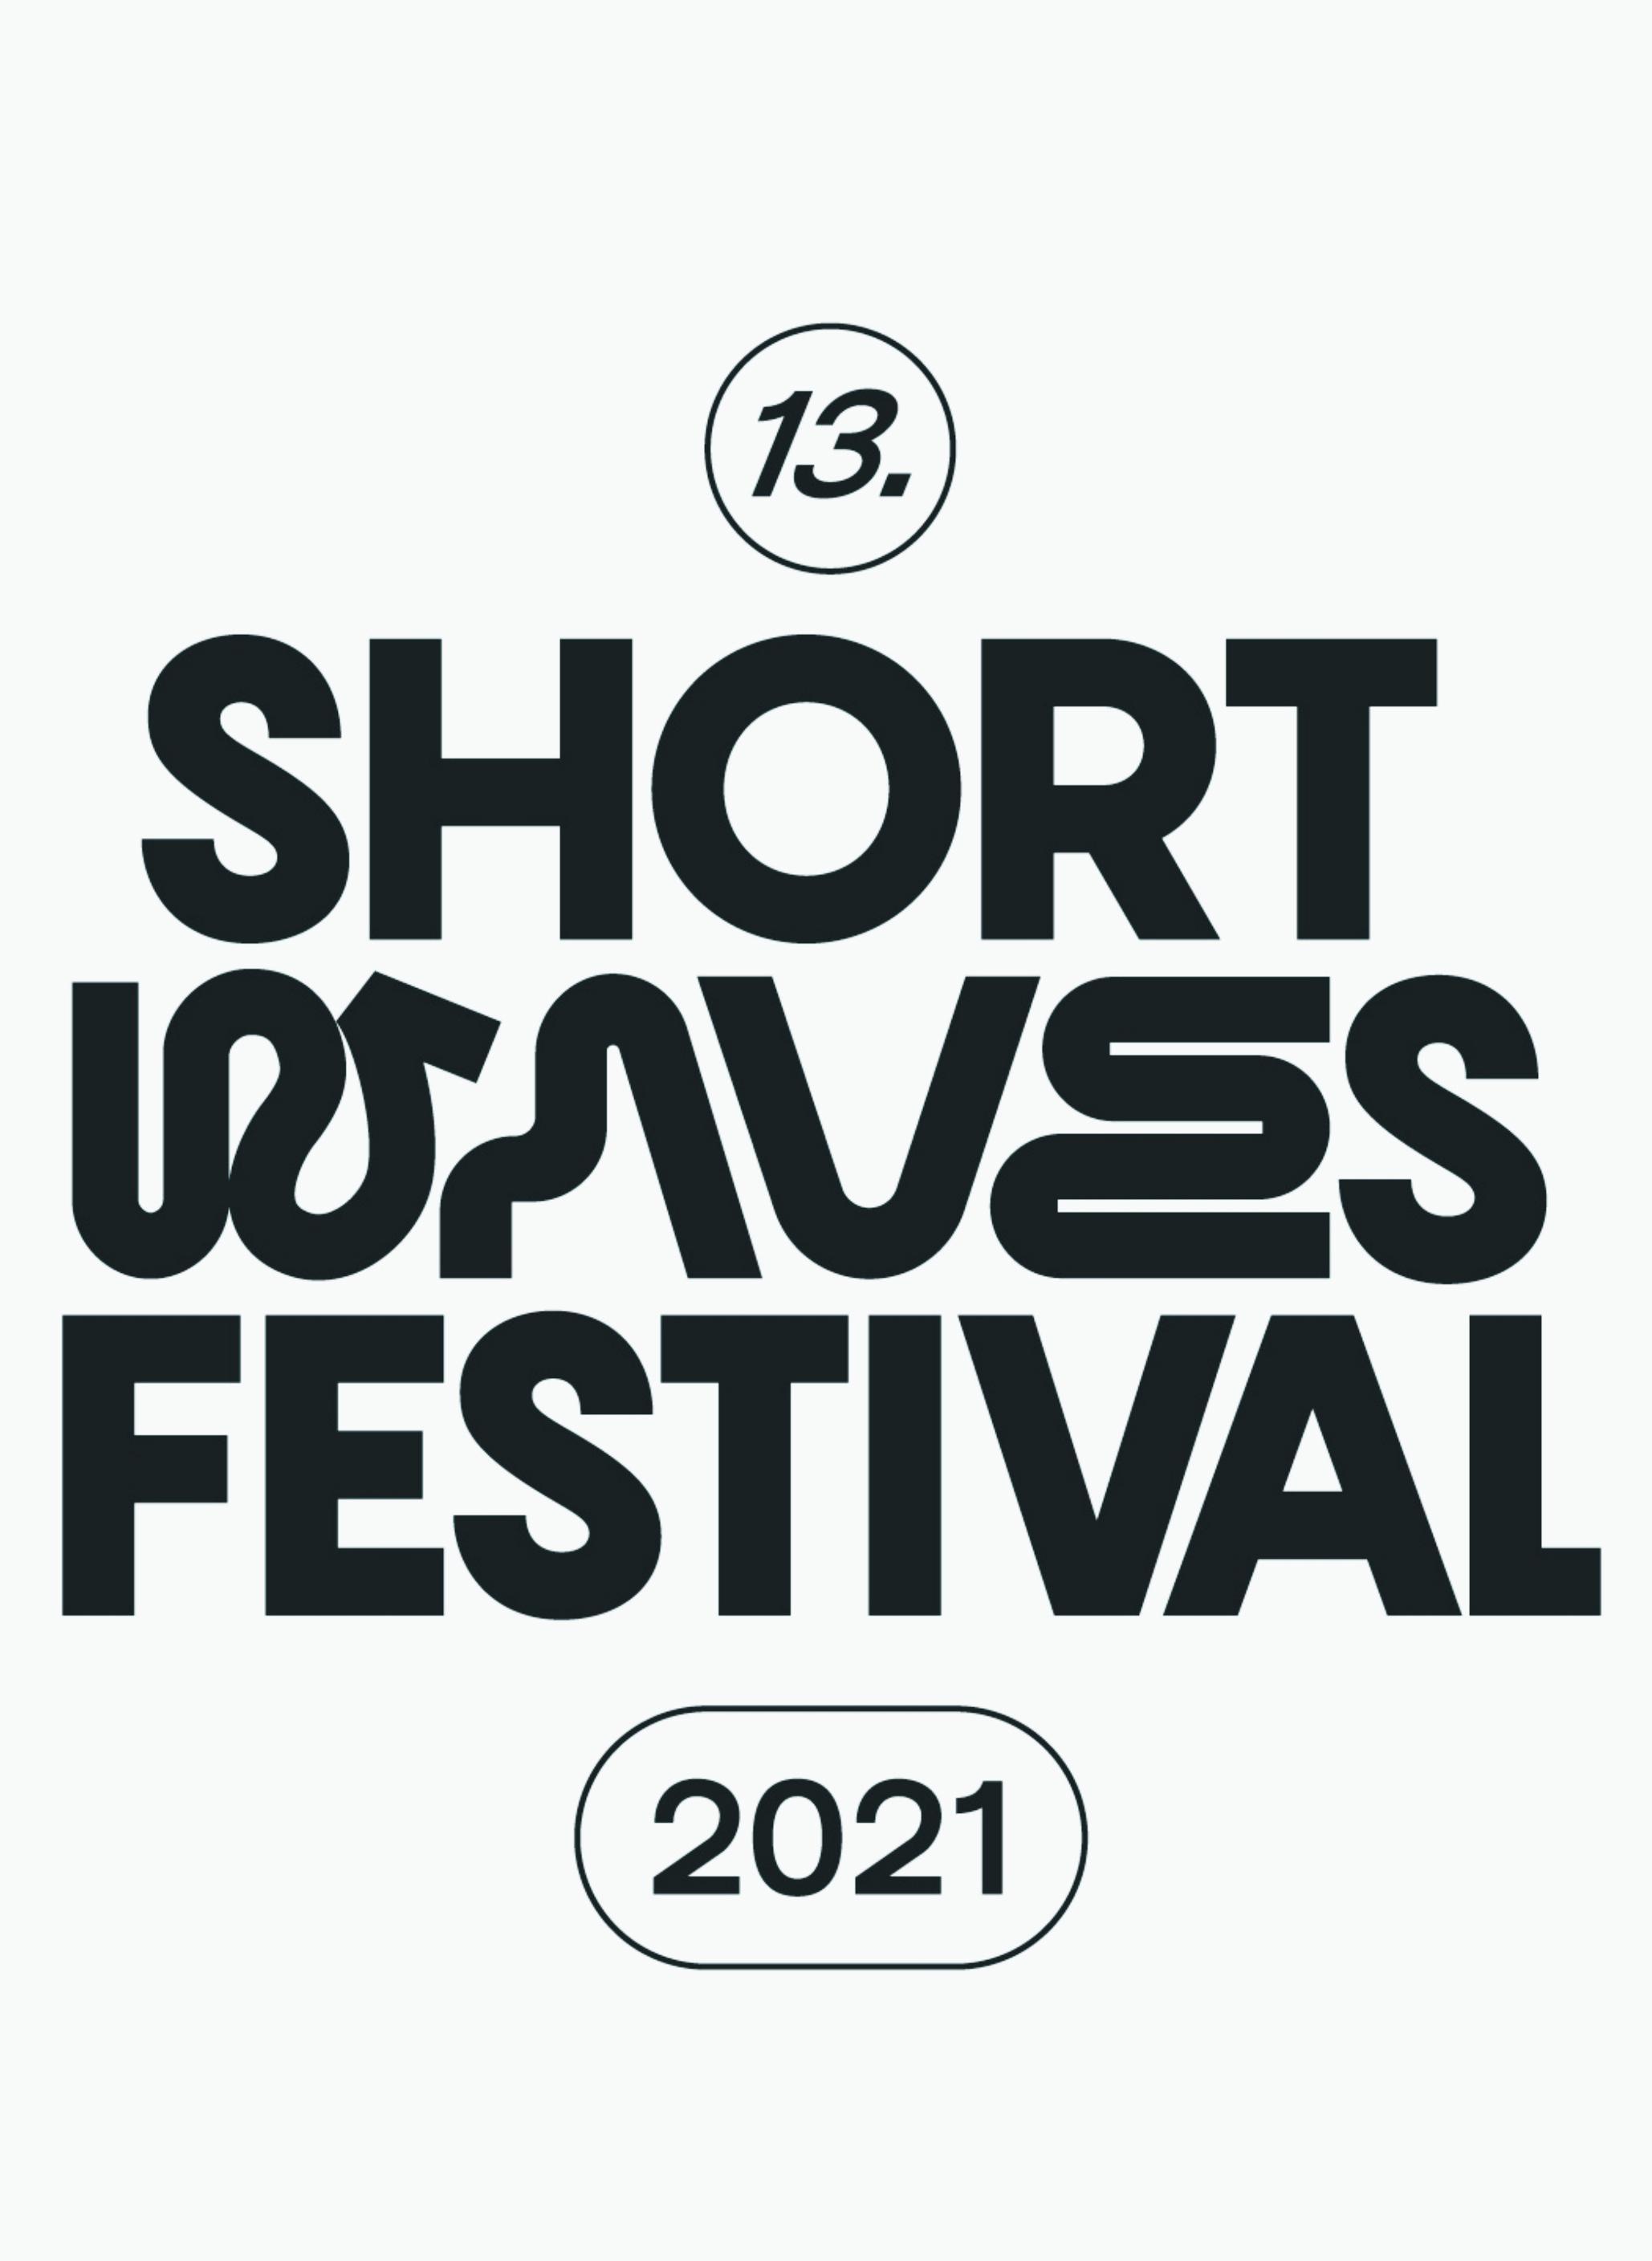 Short Waves Festival 2021 - Konkurs Polskich Filmów Eksperymentalnych I